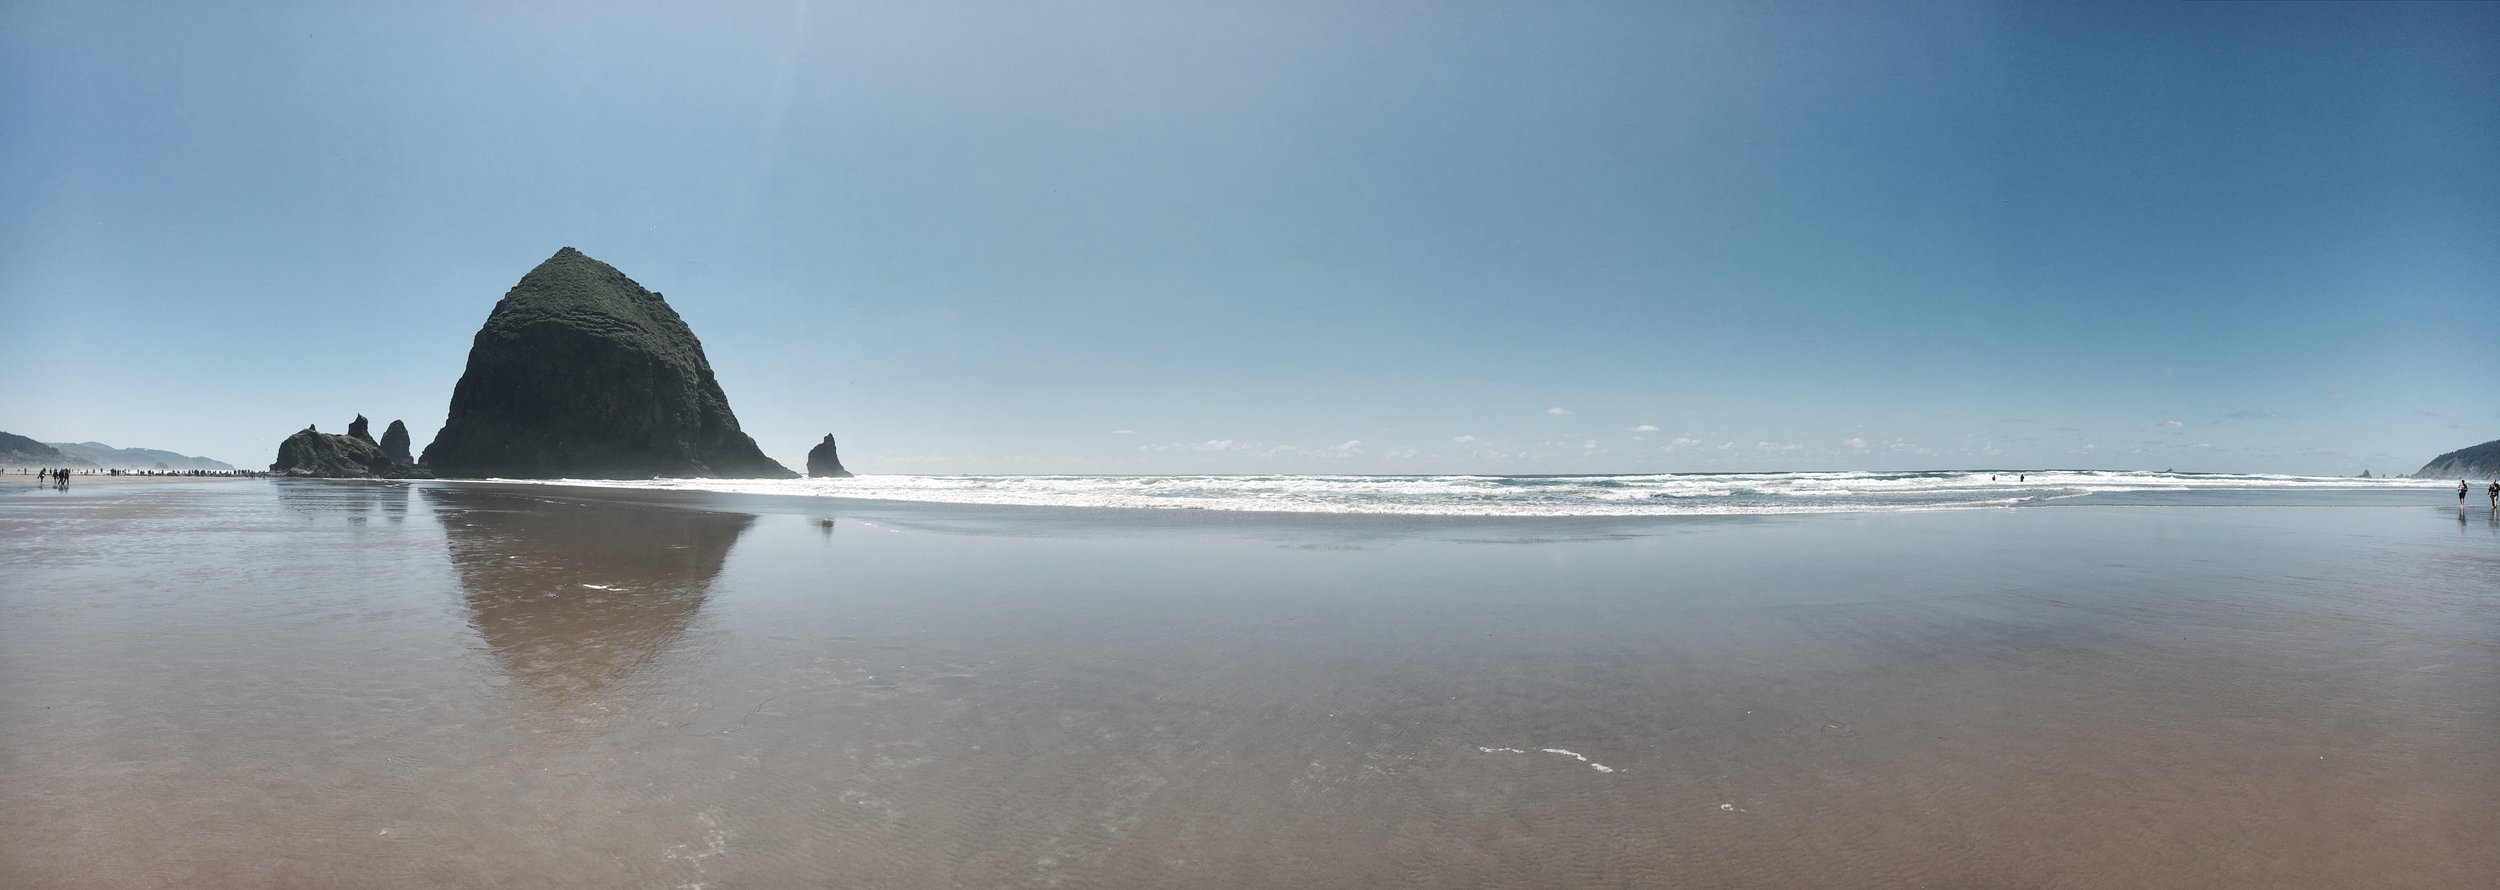 Cannon Beach, you were pretty.